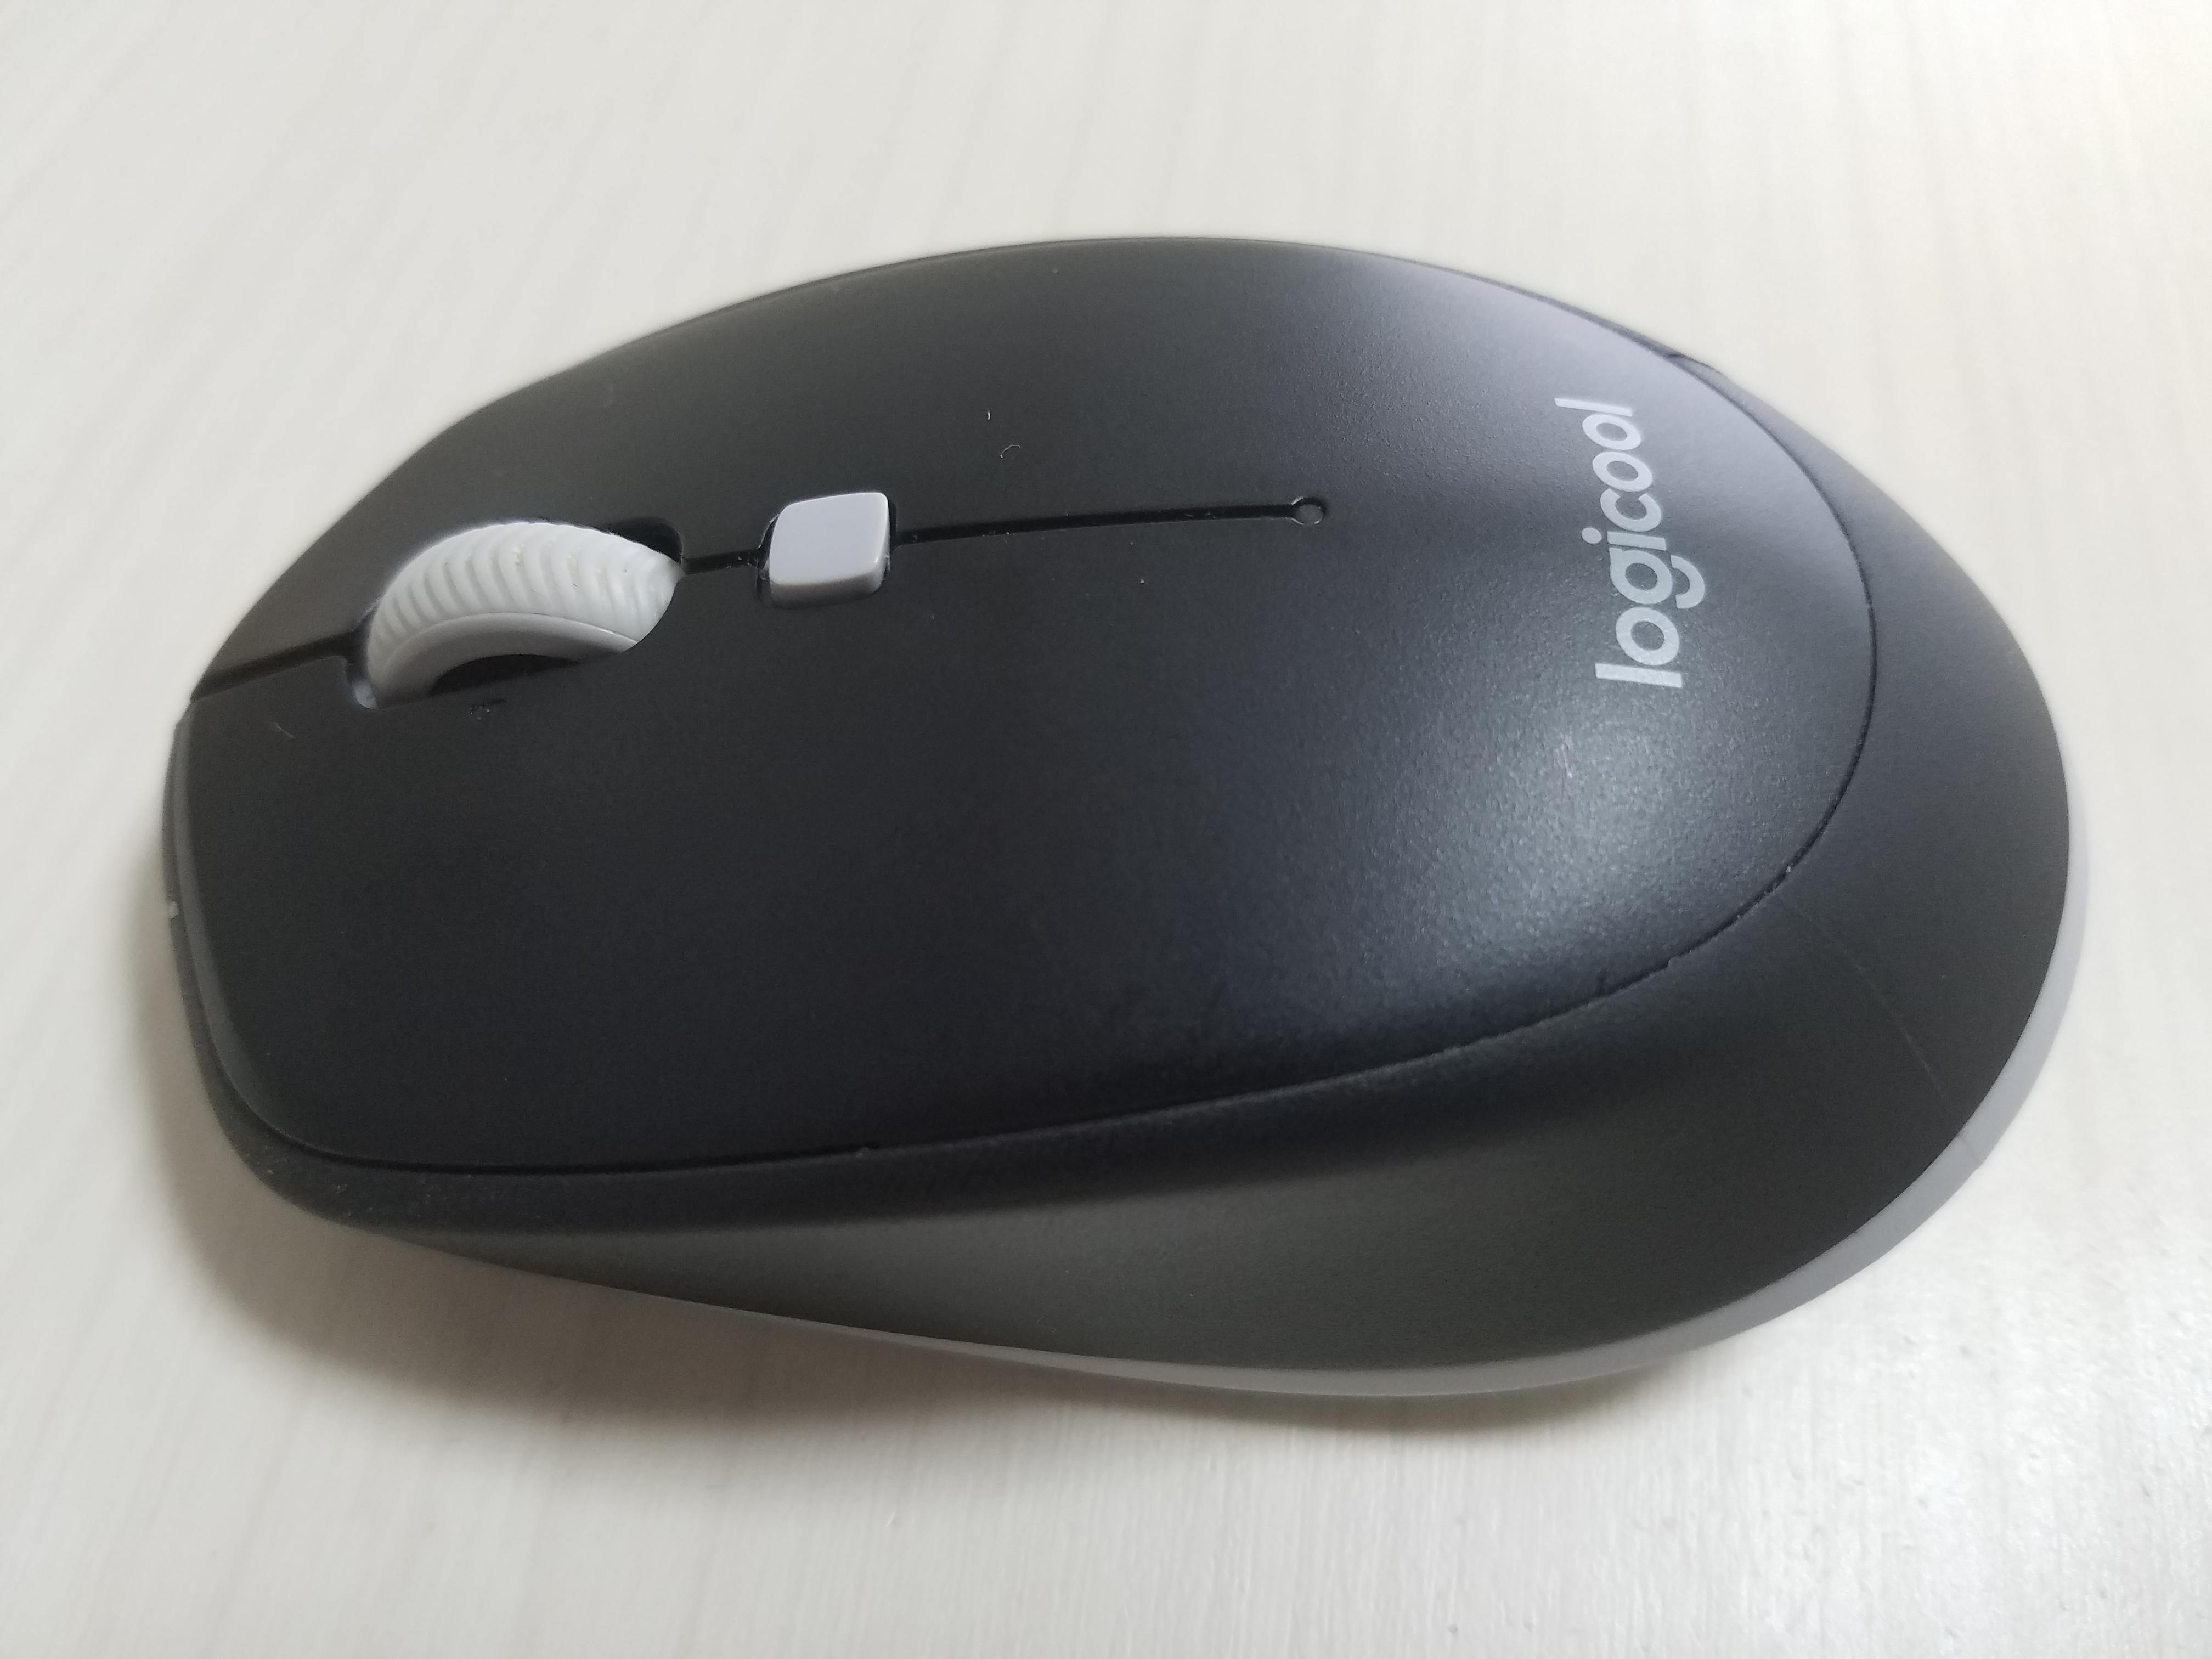 ロジクールマウスM337